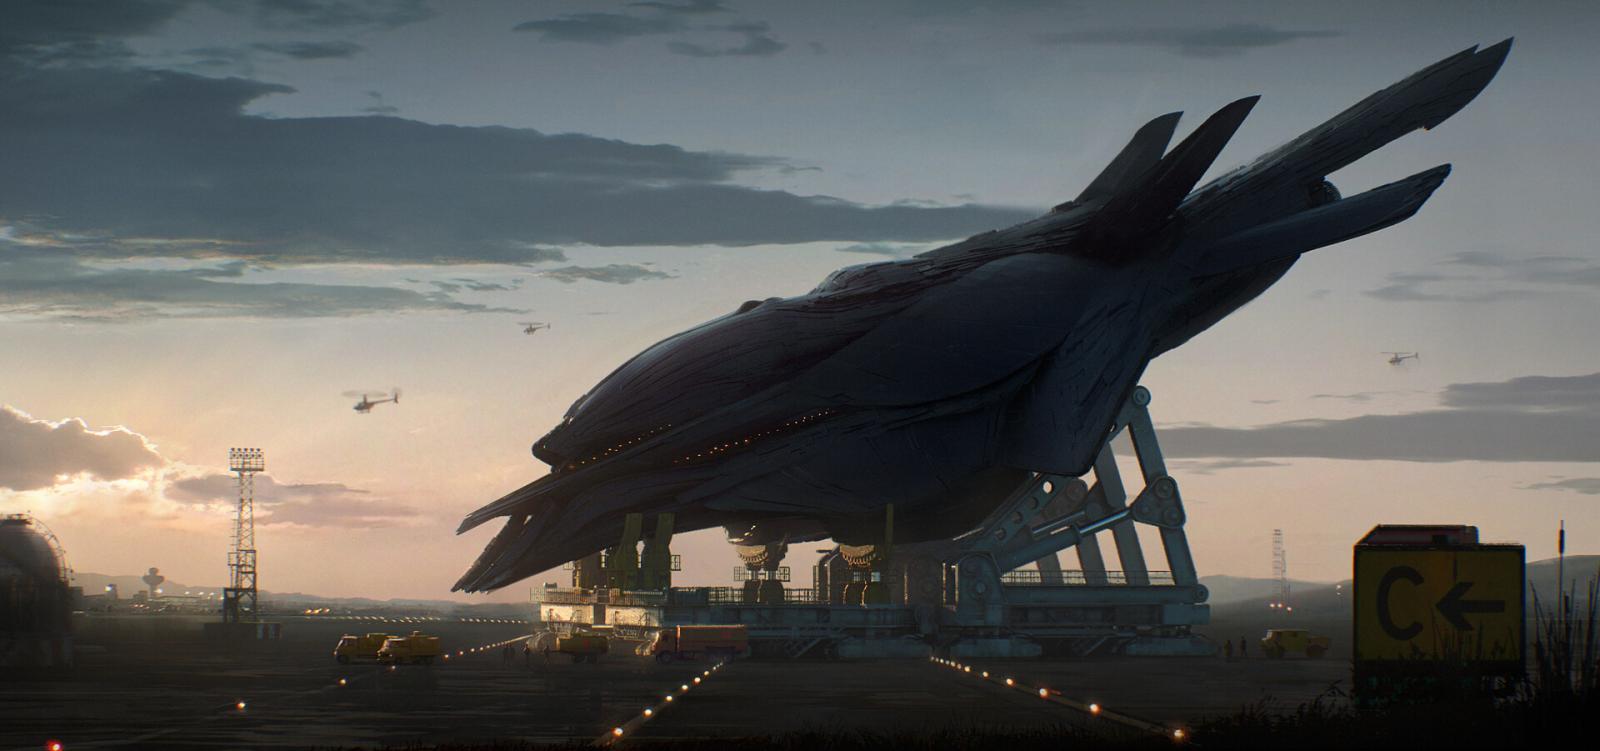 yury-ostapchuk-ship-transportation-scene-12.jpg